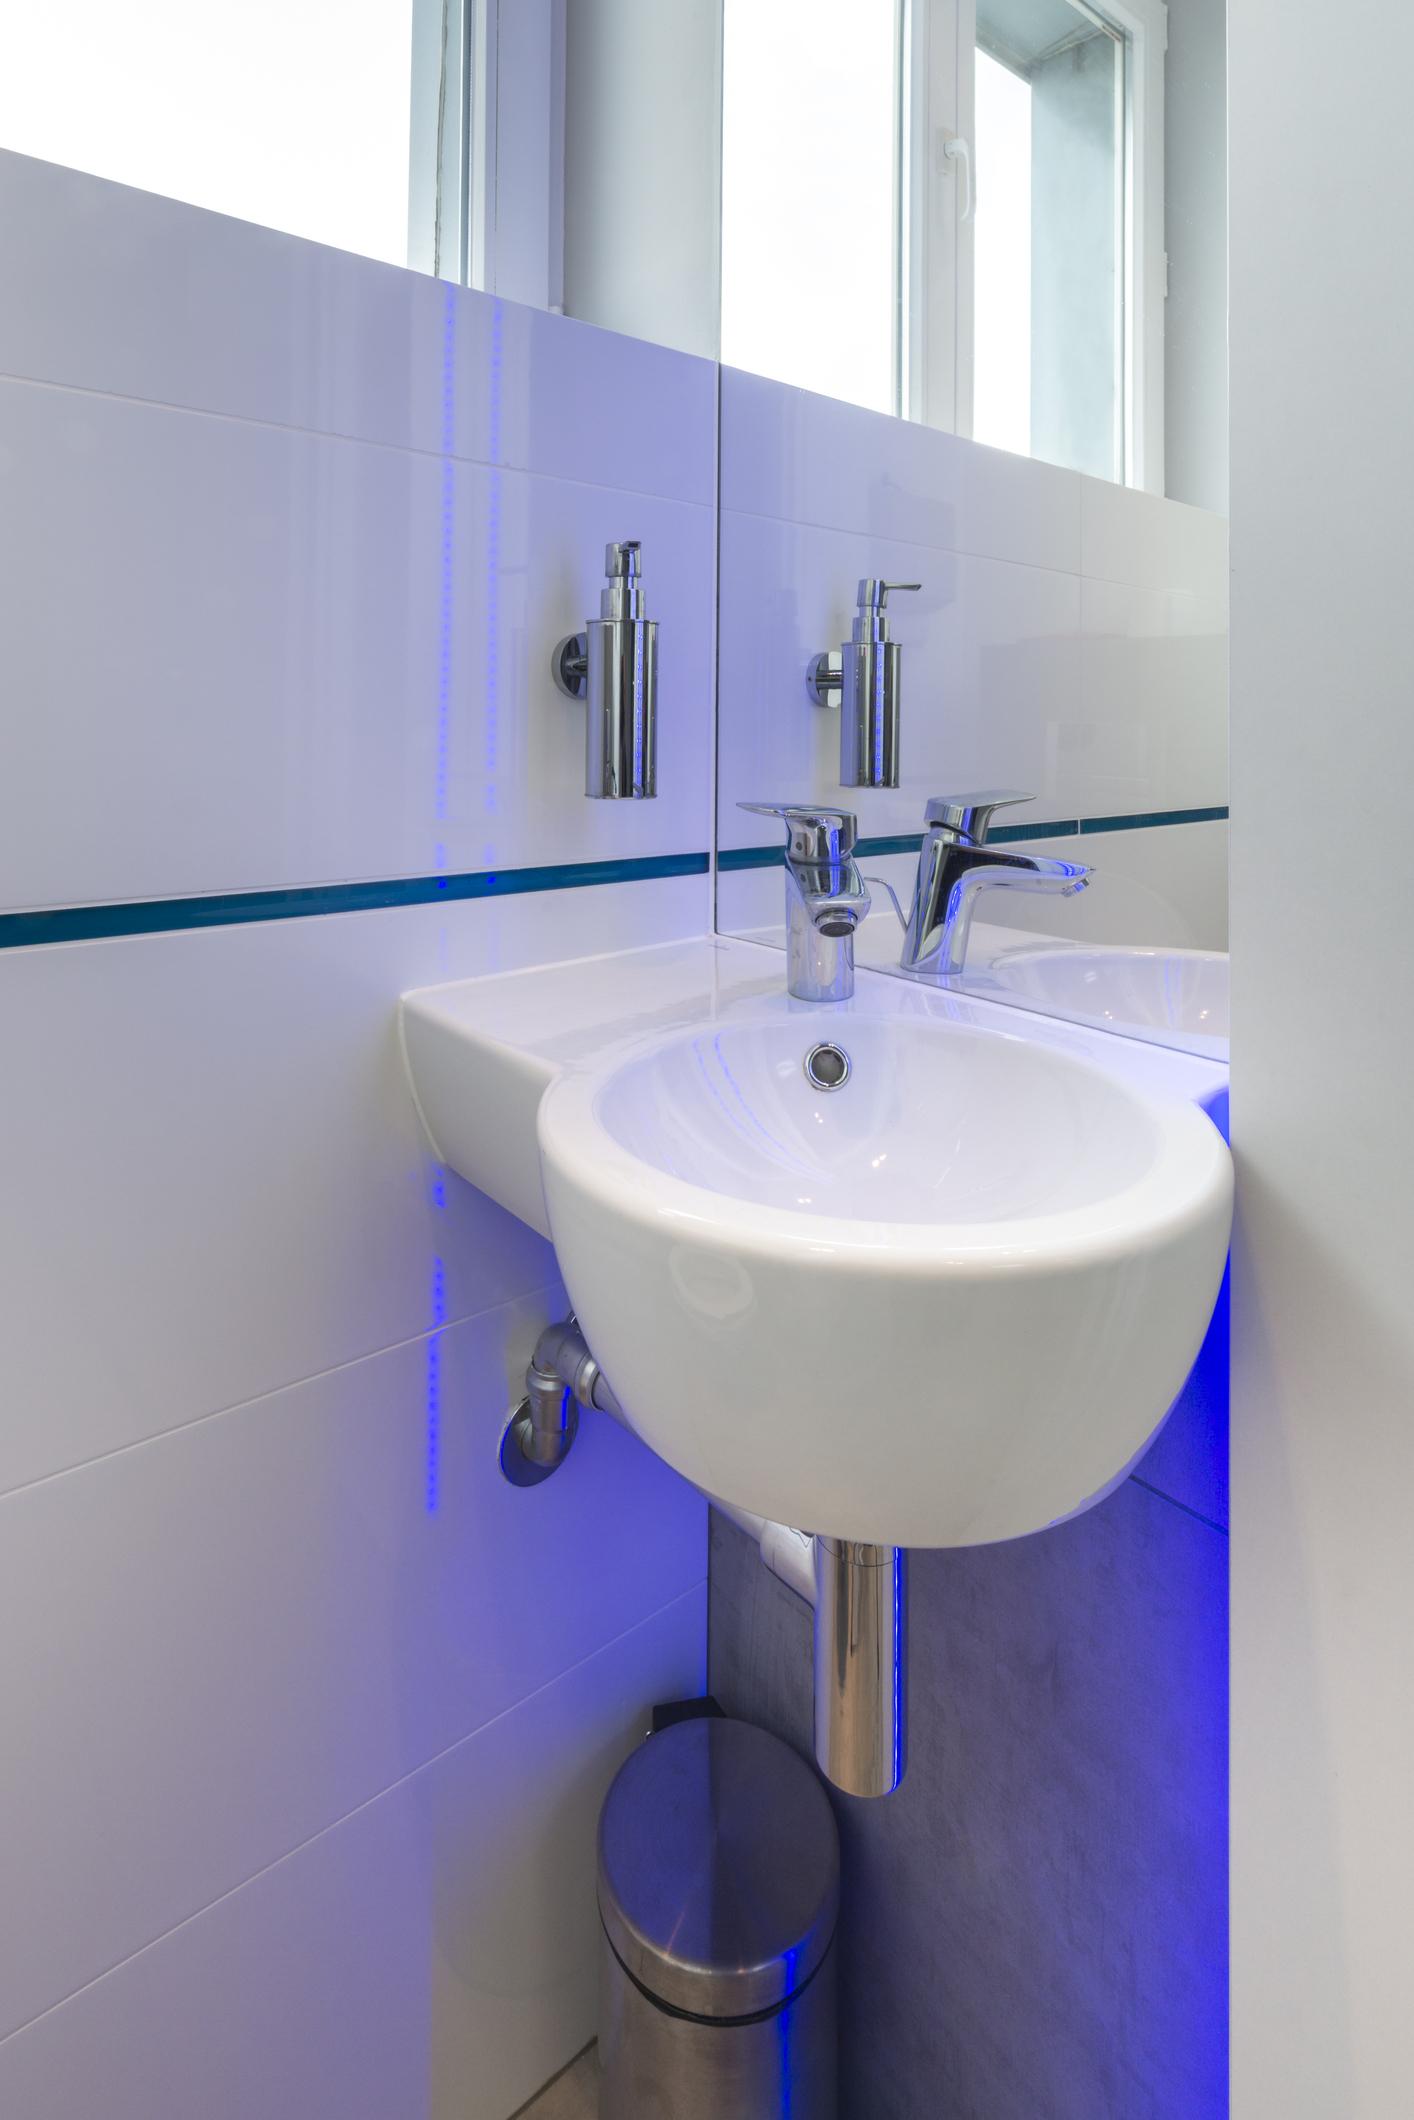 Nuove idee e consigli per progettare e arredare un bagno - Bagno piccolissimo misure ...